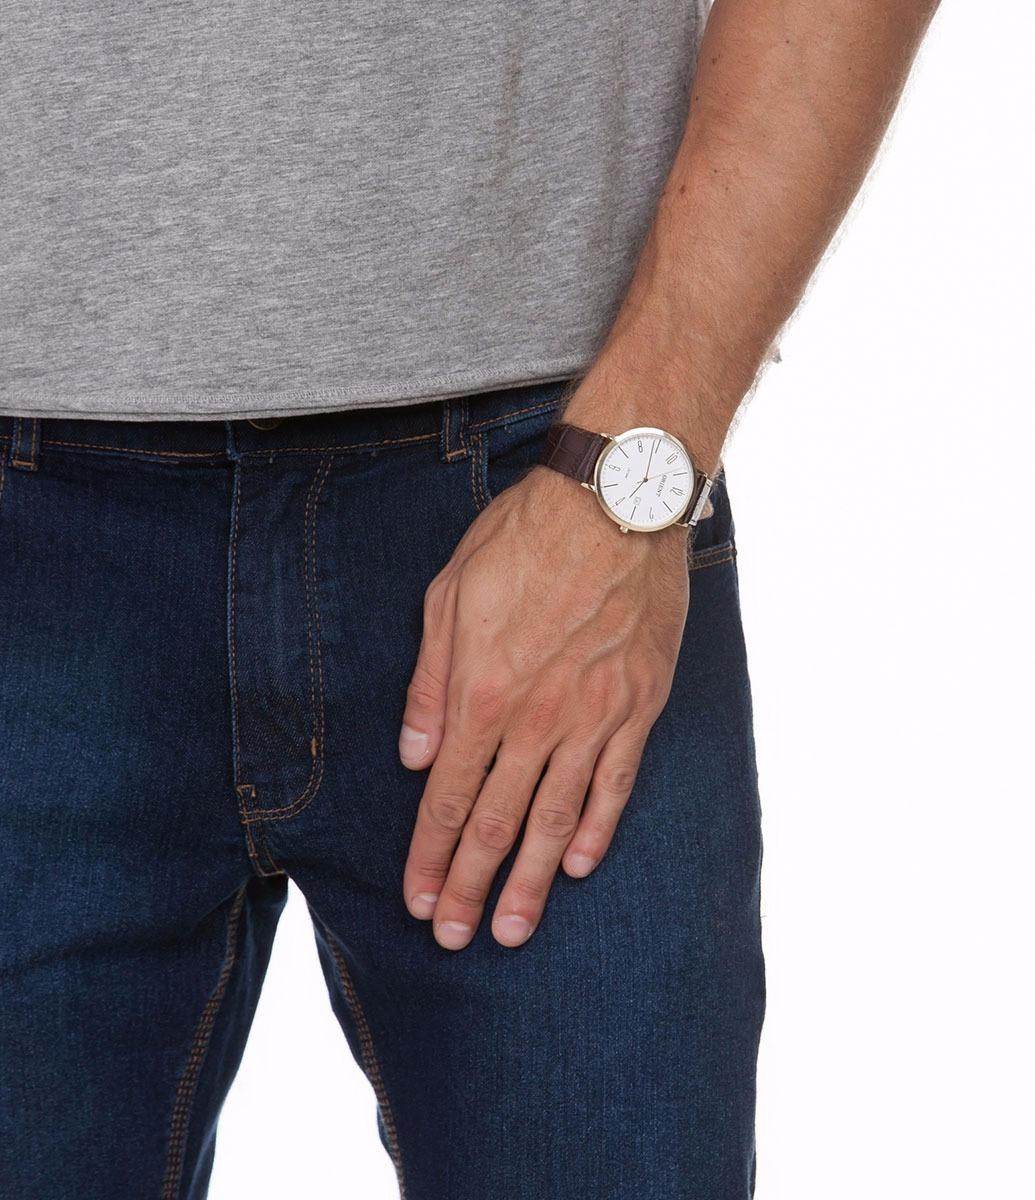 e975daa3c83 relógio masculino orient couro marrom fundo branco analógico · relógio  masculino orient. Carregando zoom.